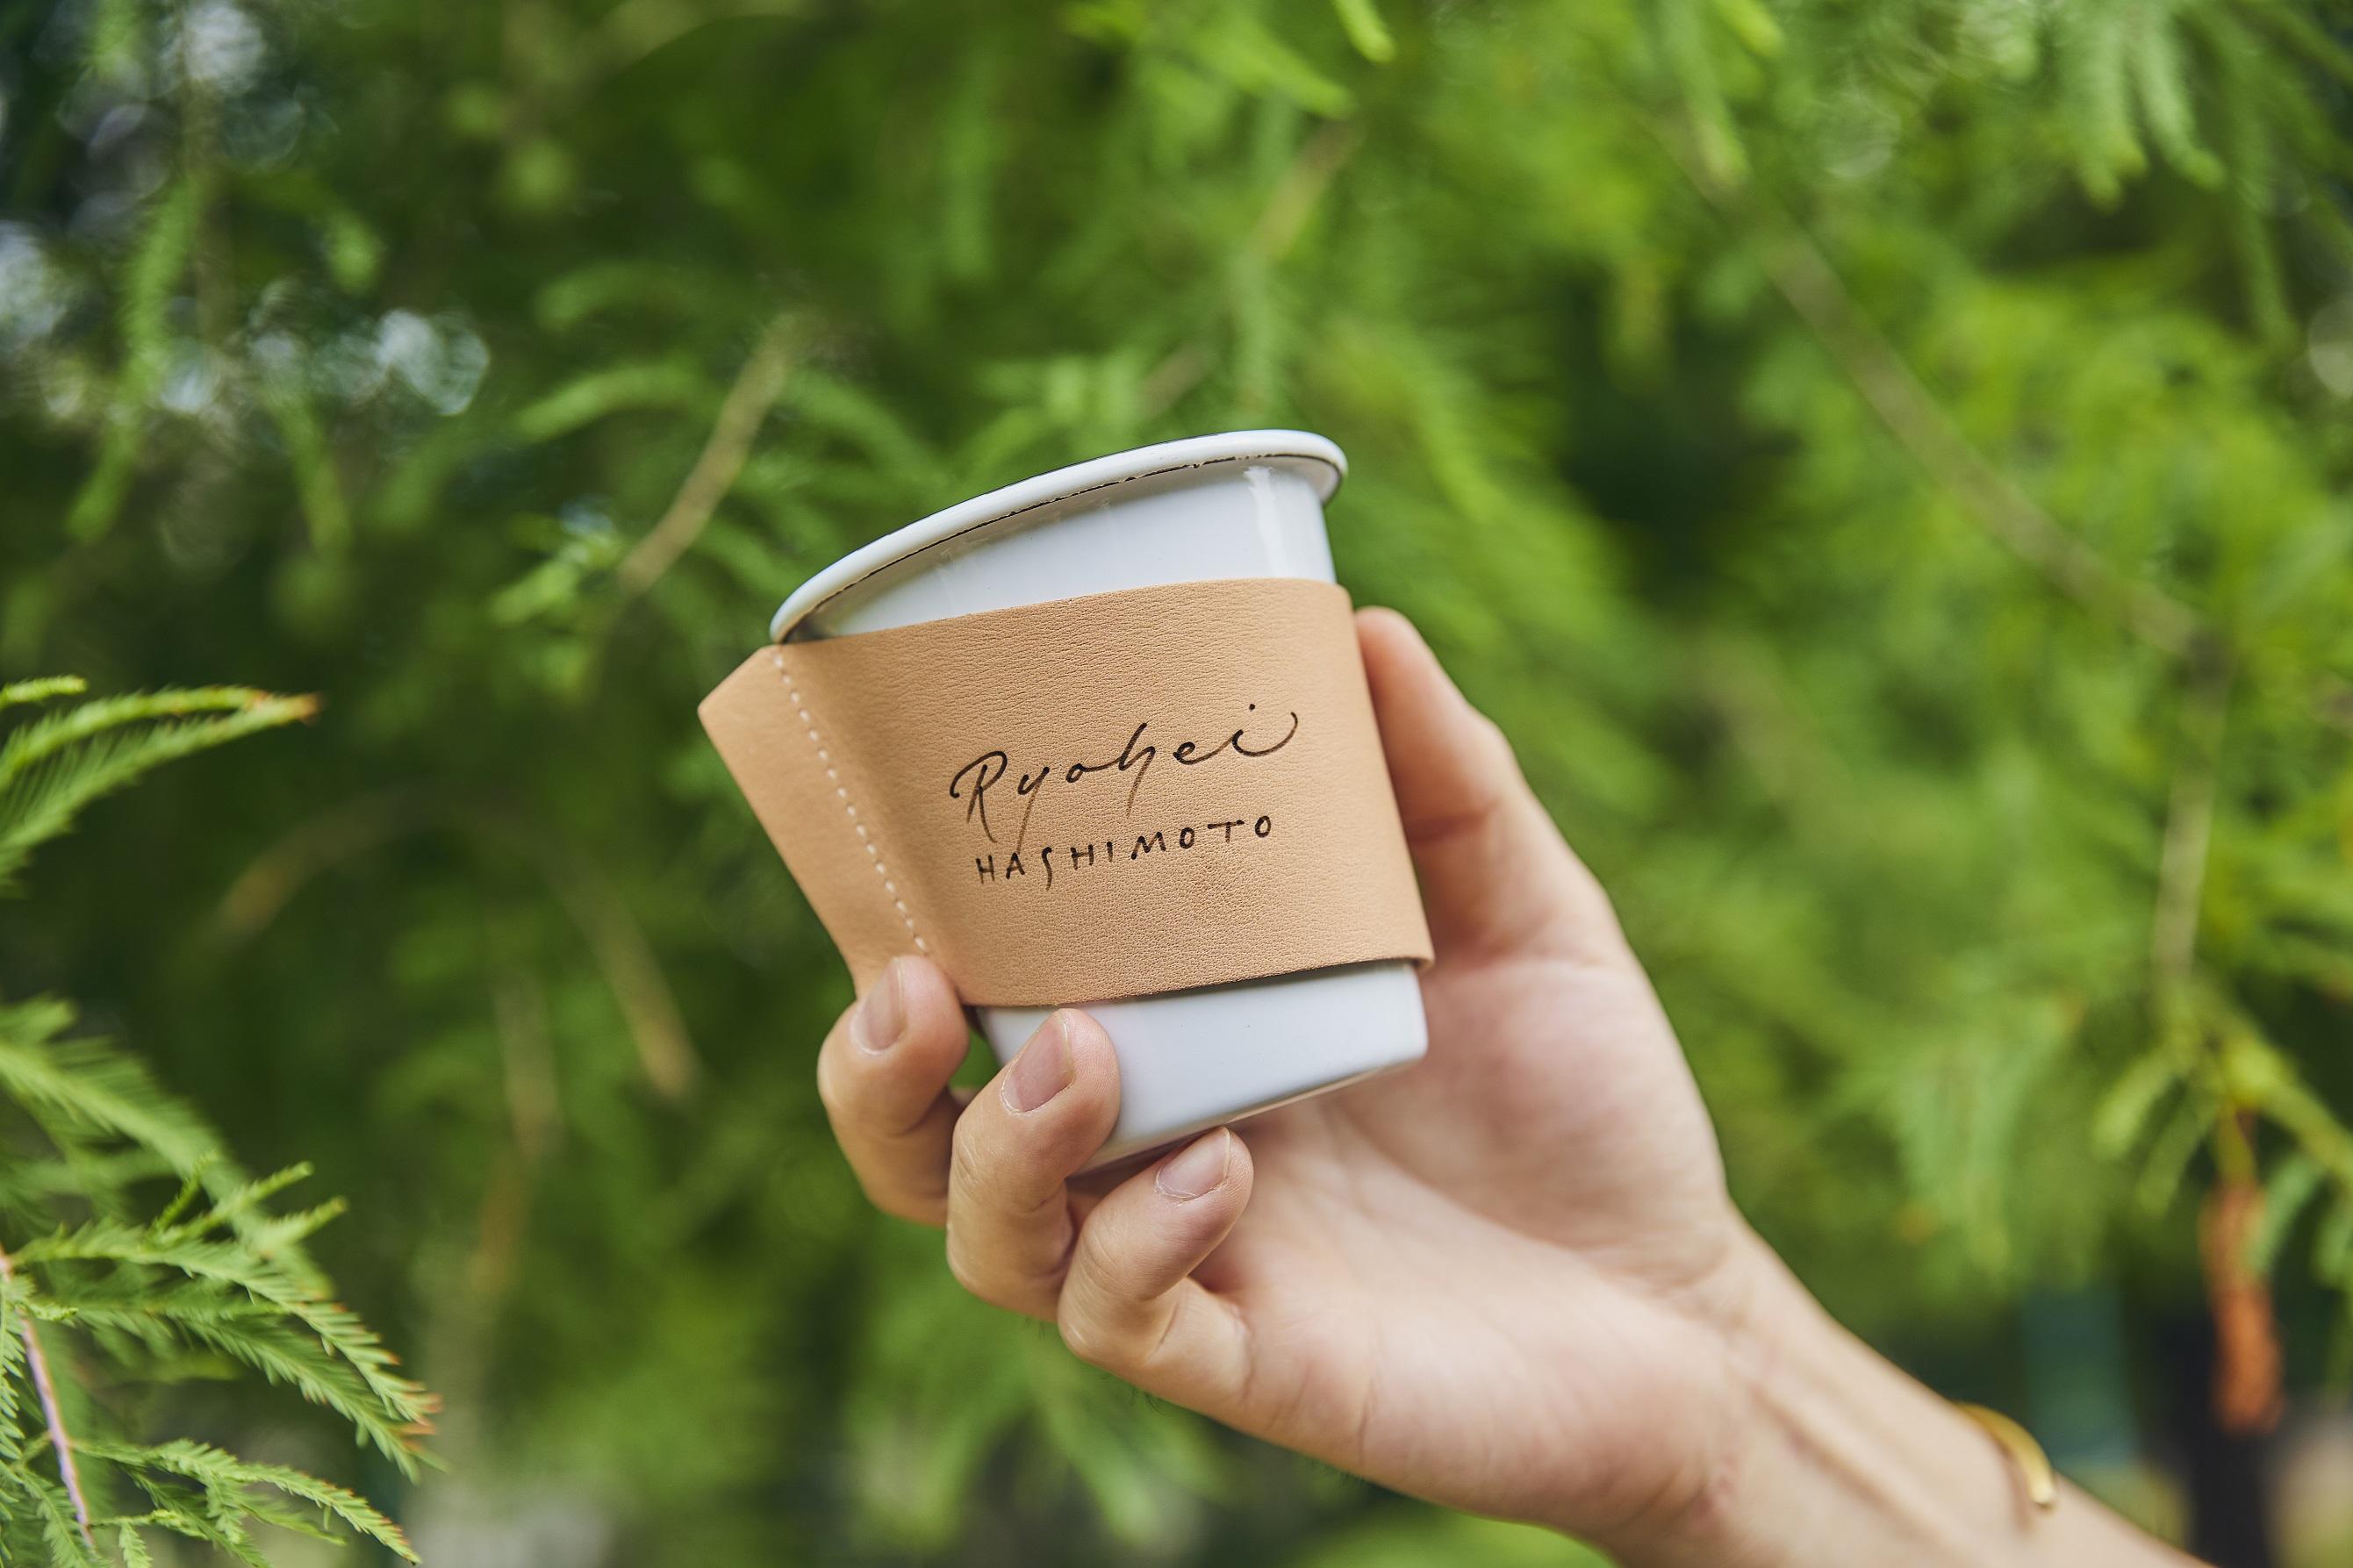 Prink cup